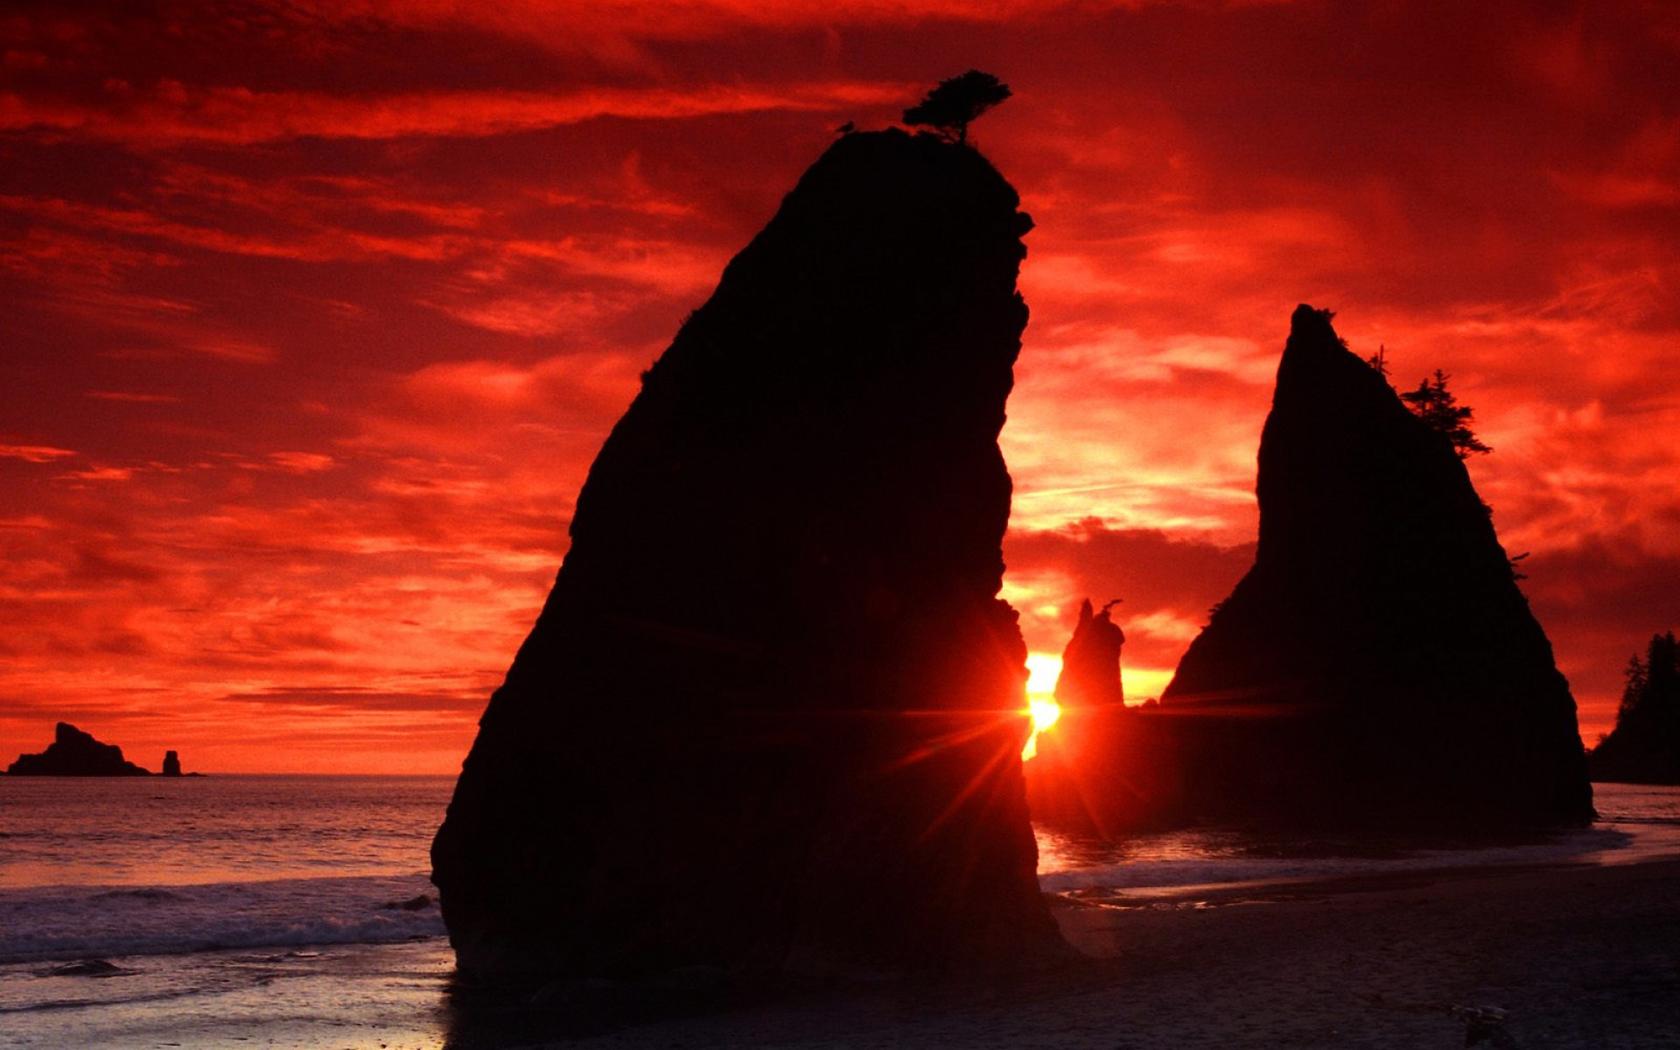 Eye catching red sunset beach wallpaper   Beach Wallpapers 1680x1050